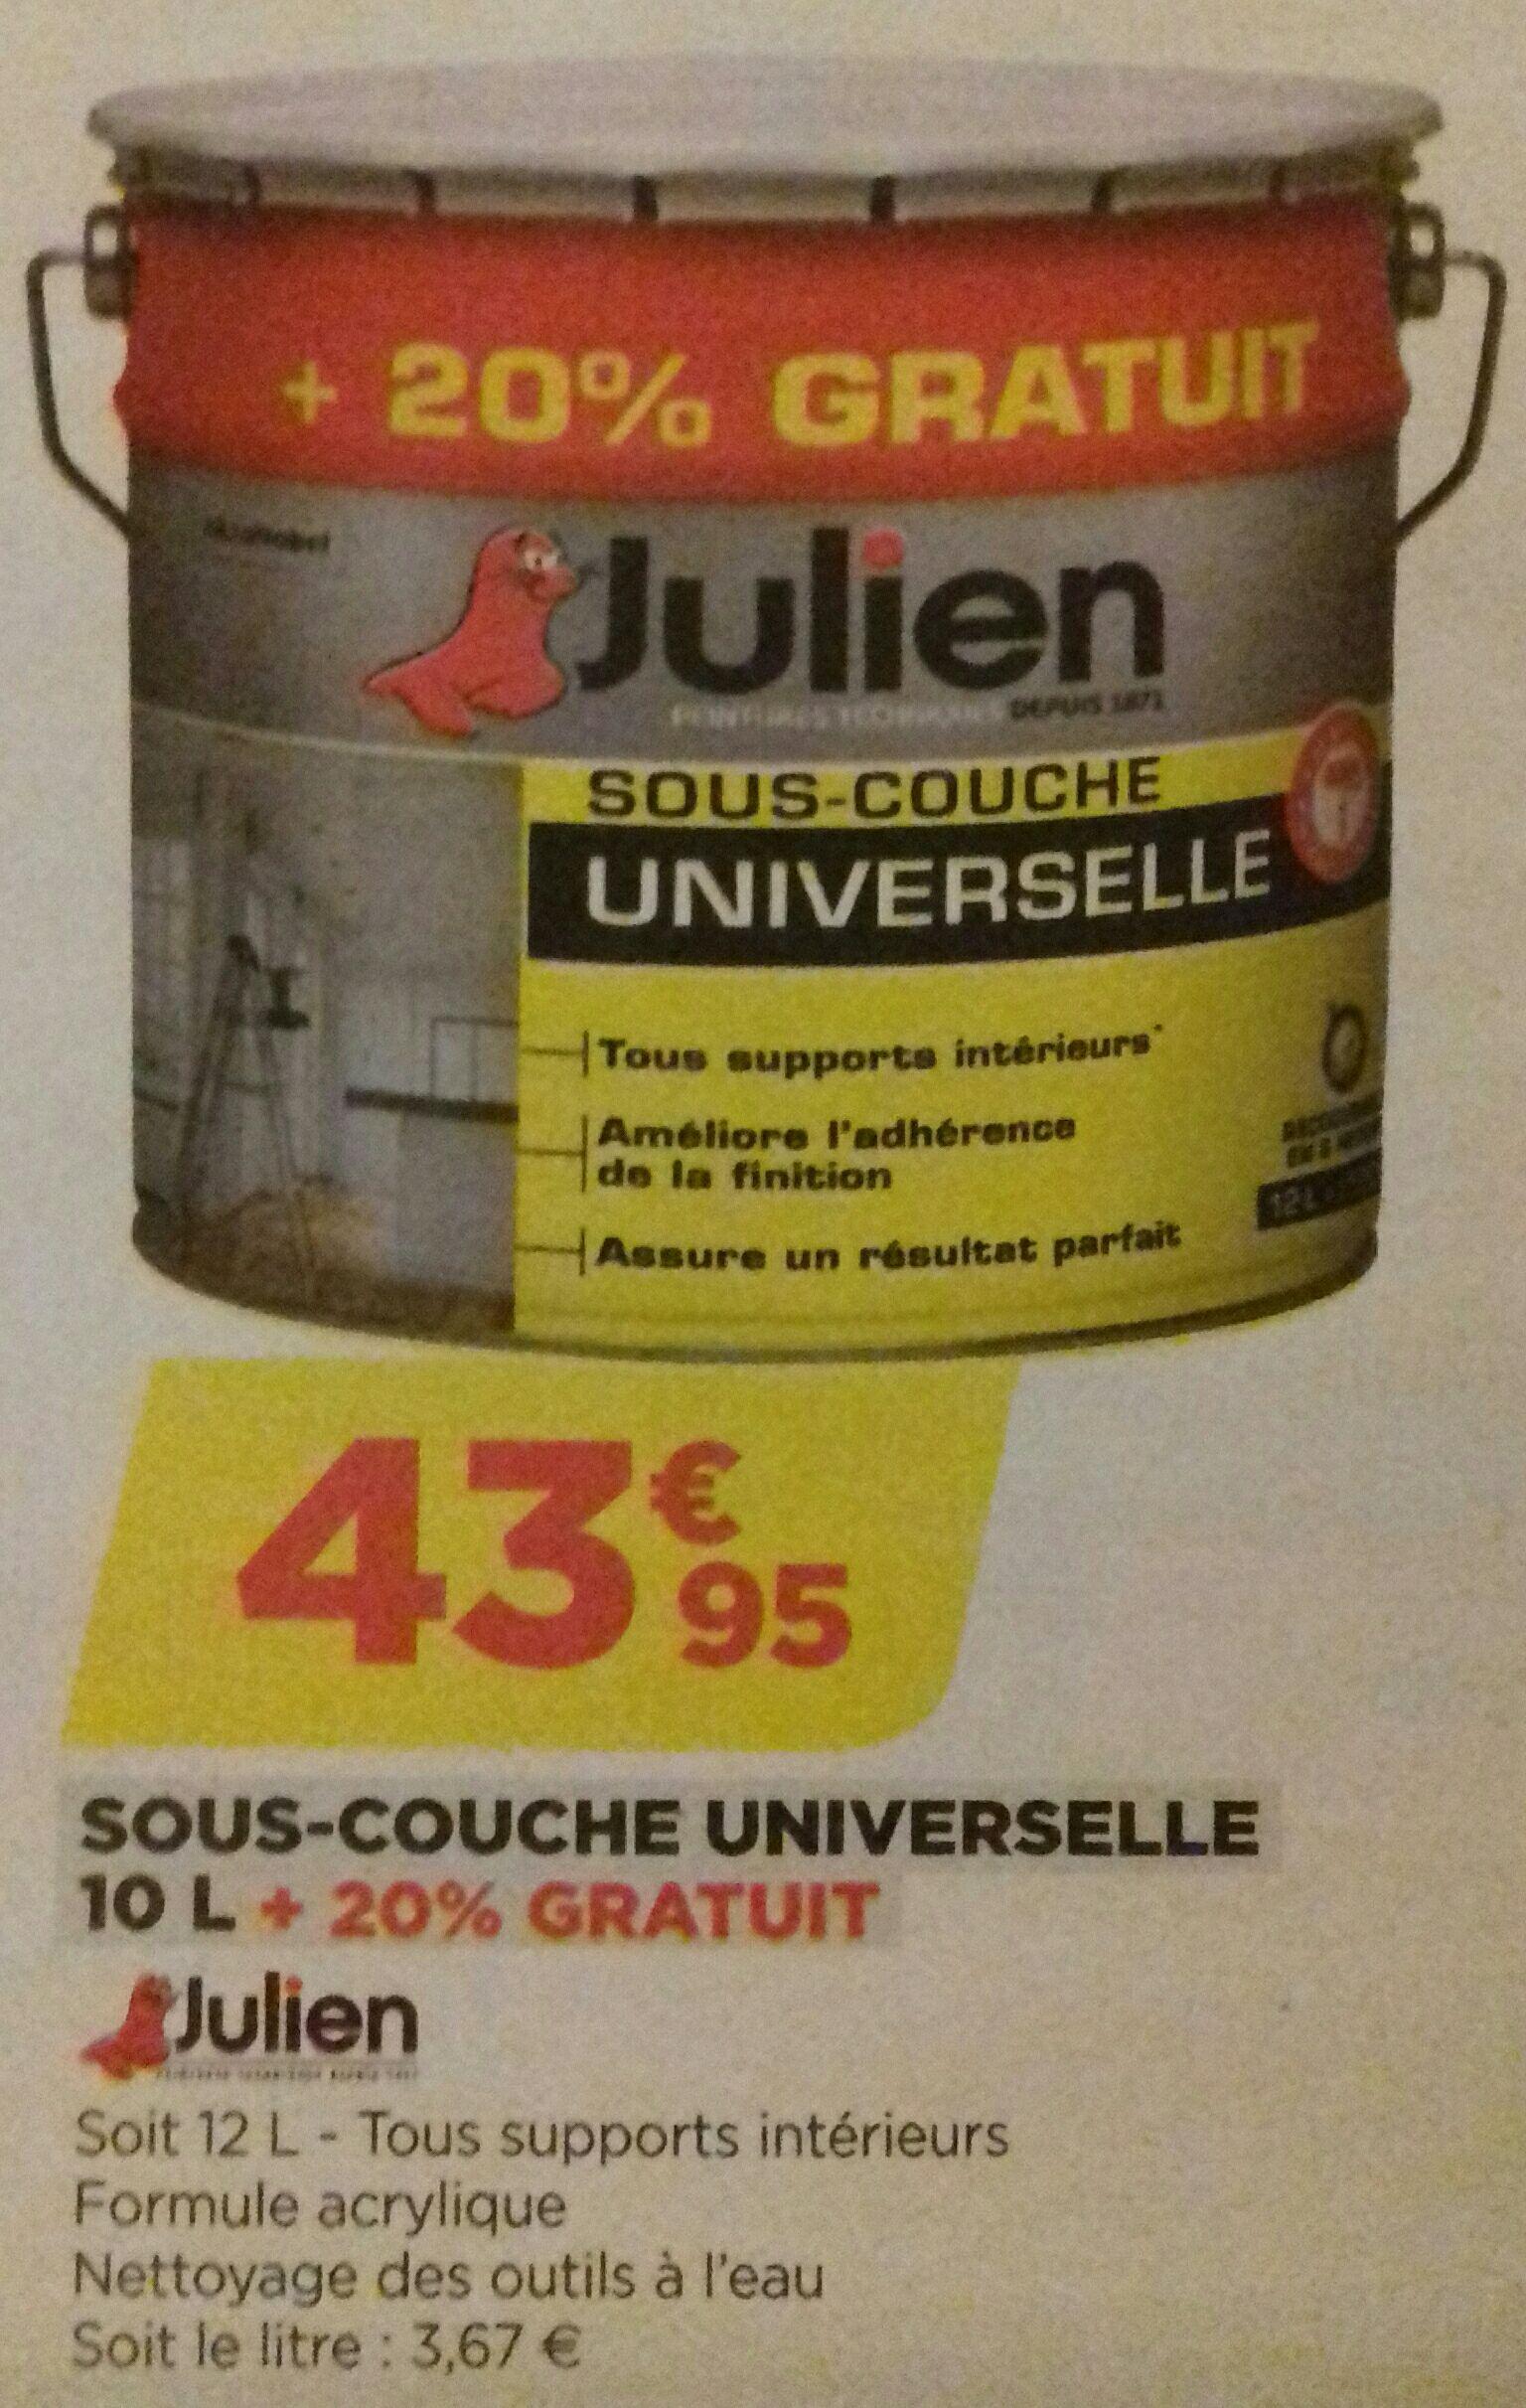 1 Pot de Sous-couche Julien - 12 Litres